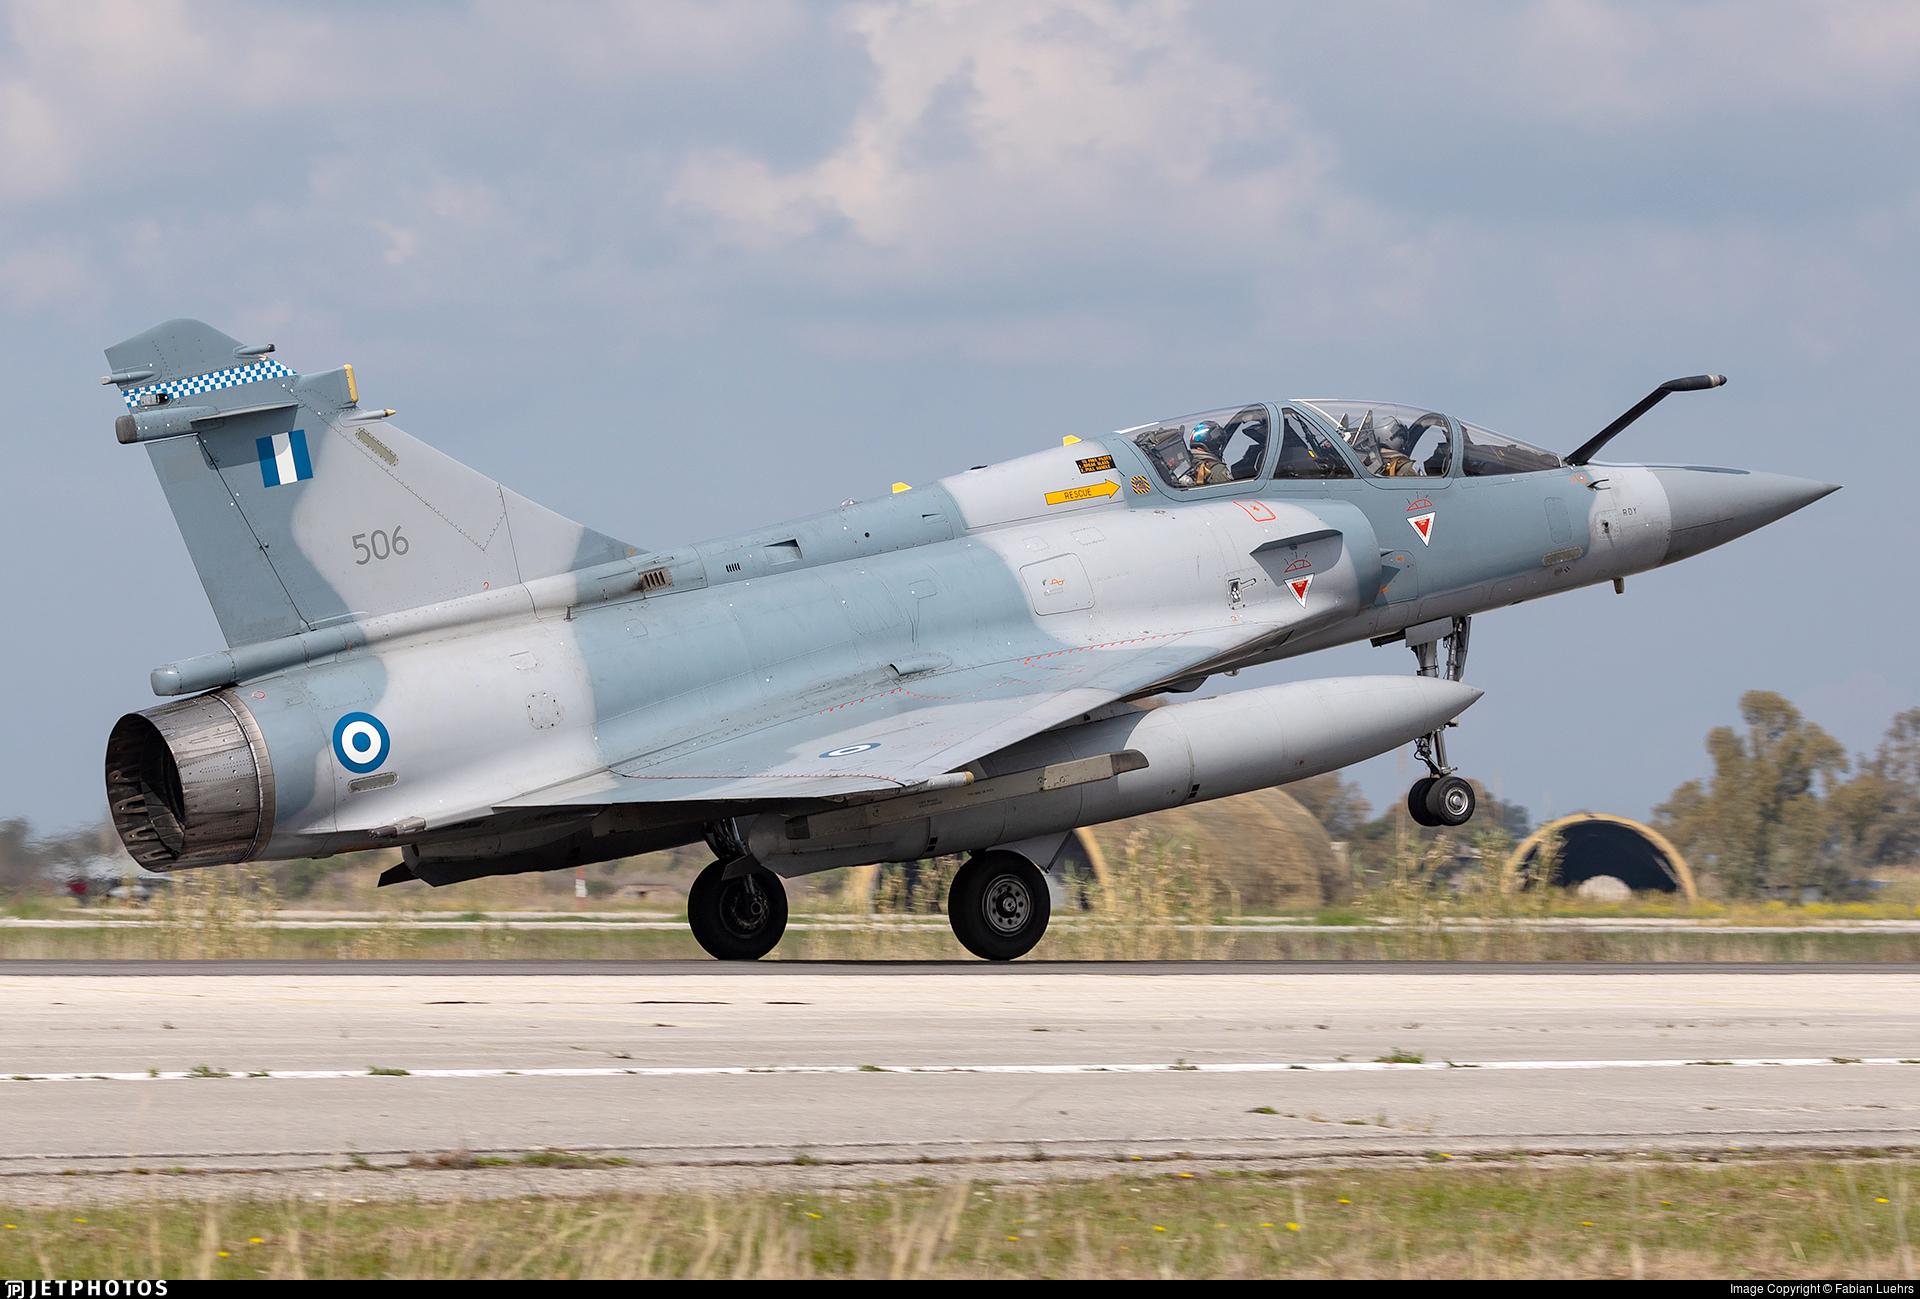 506 - Dassault Mirage 2000-5BG - Greece - Air Force